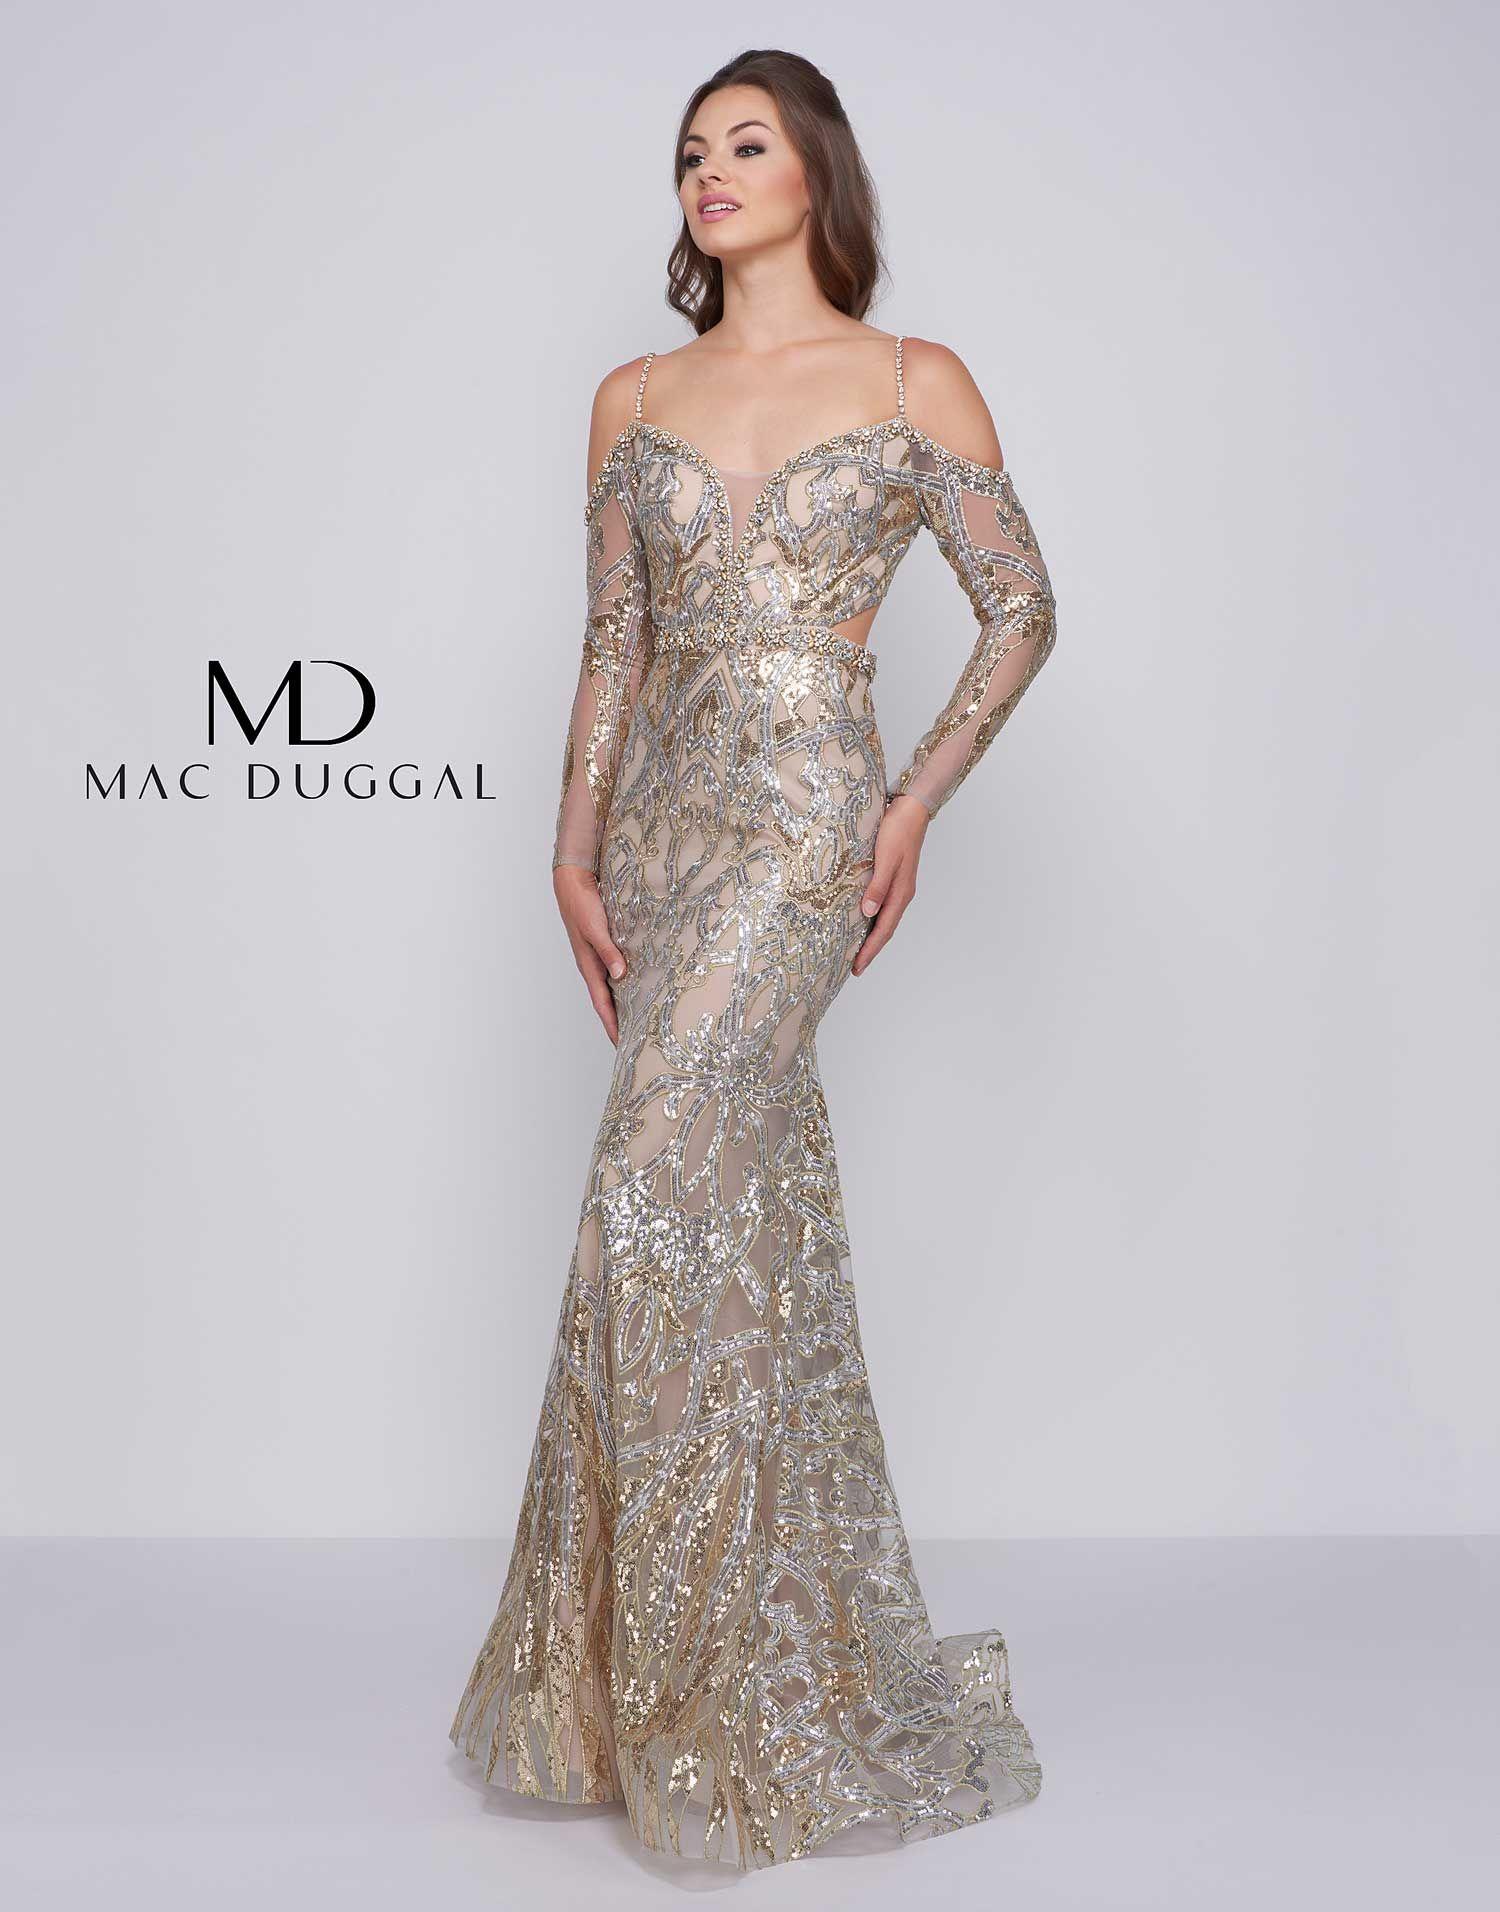 Mac Duggal Sequin Gown | Nordstrom | Sequin gown, Mob